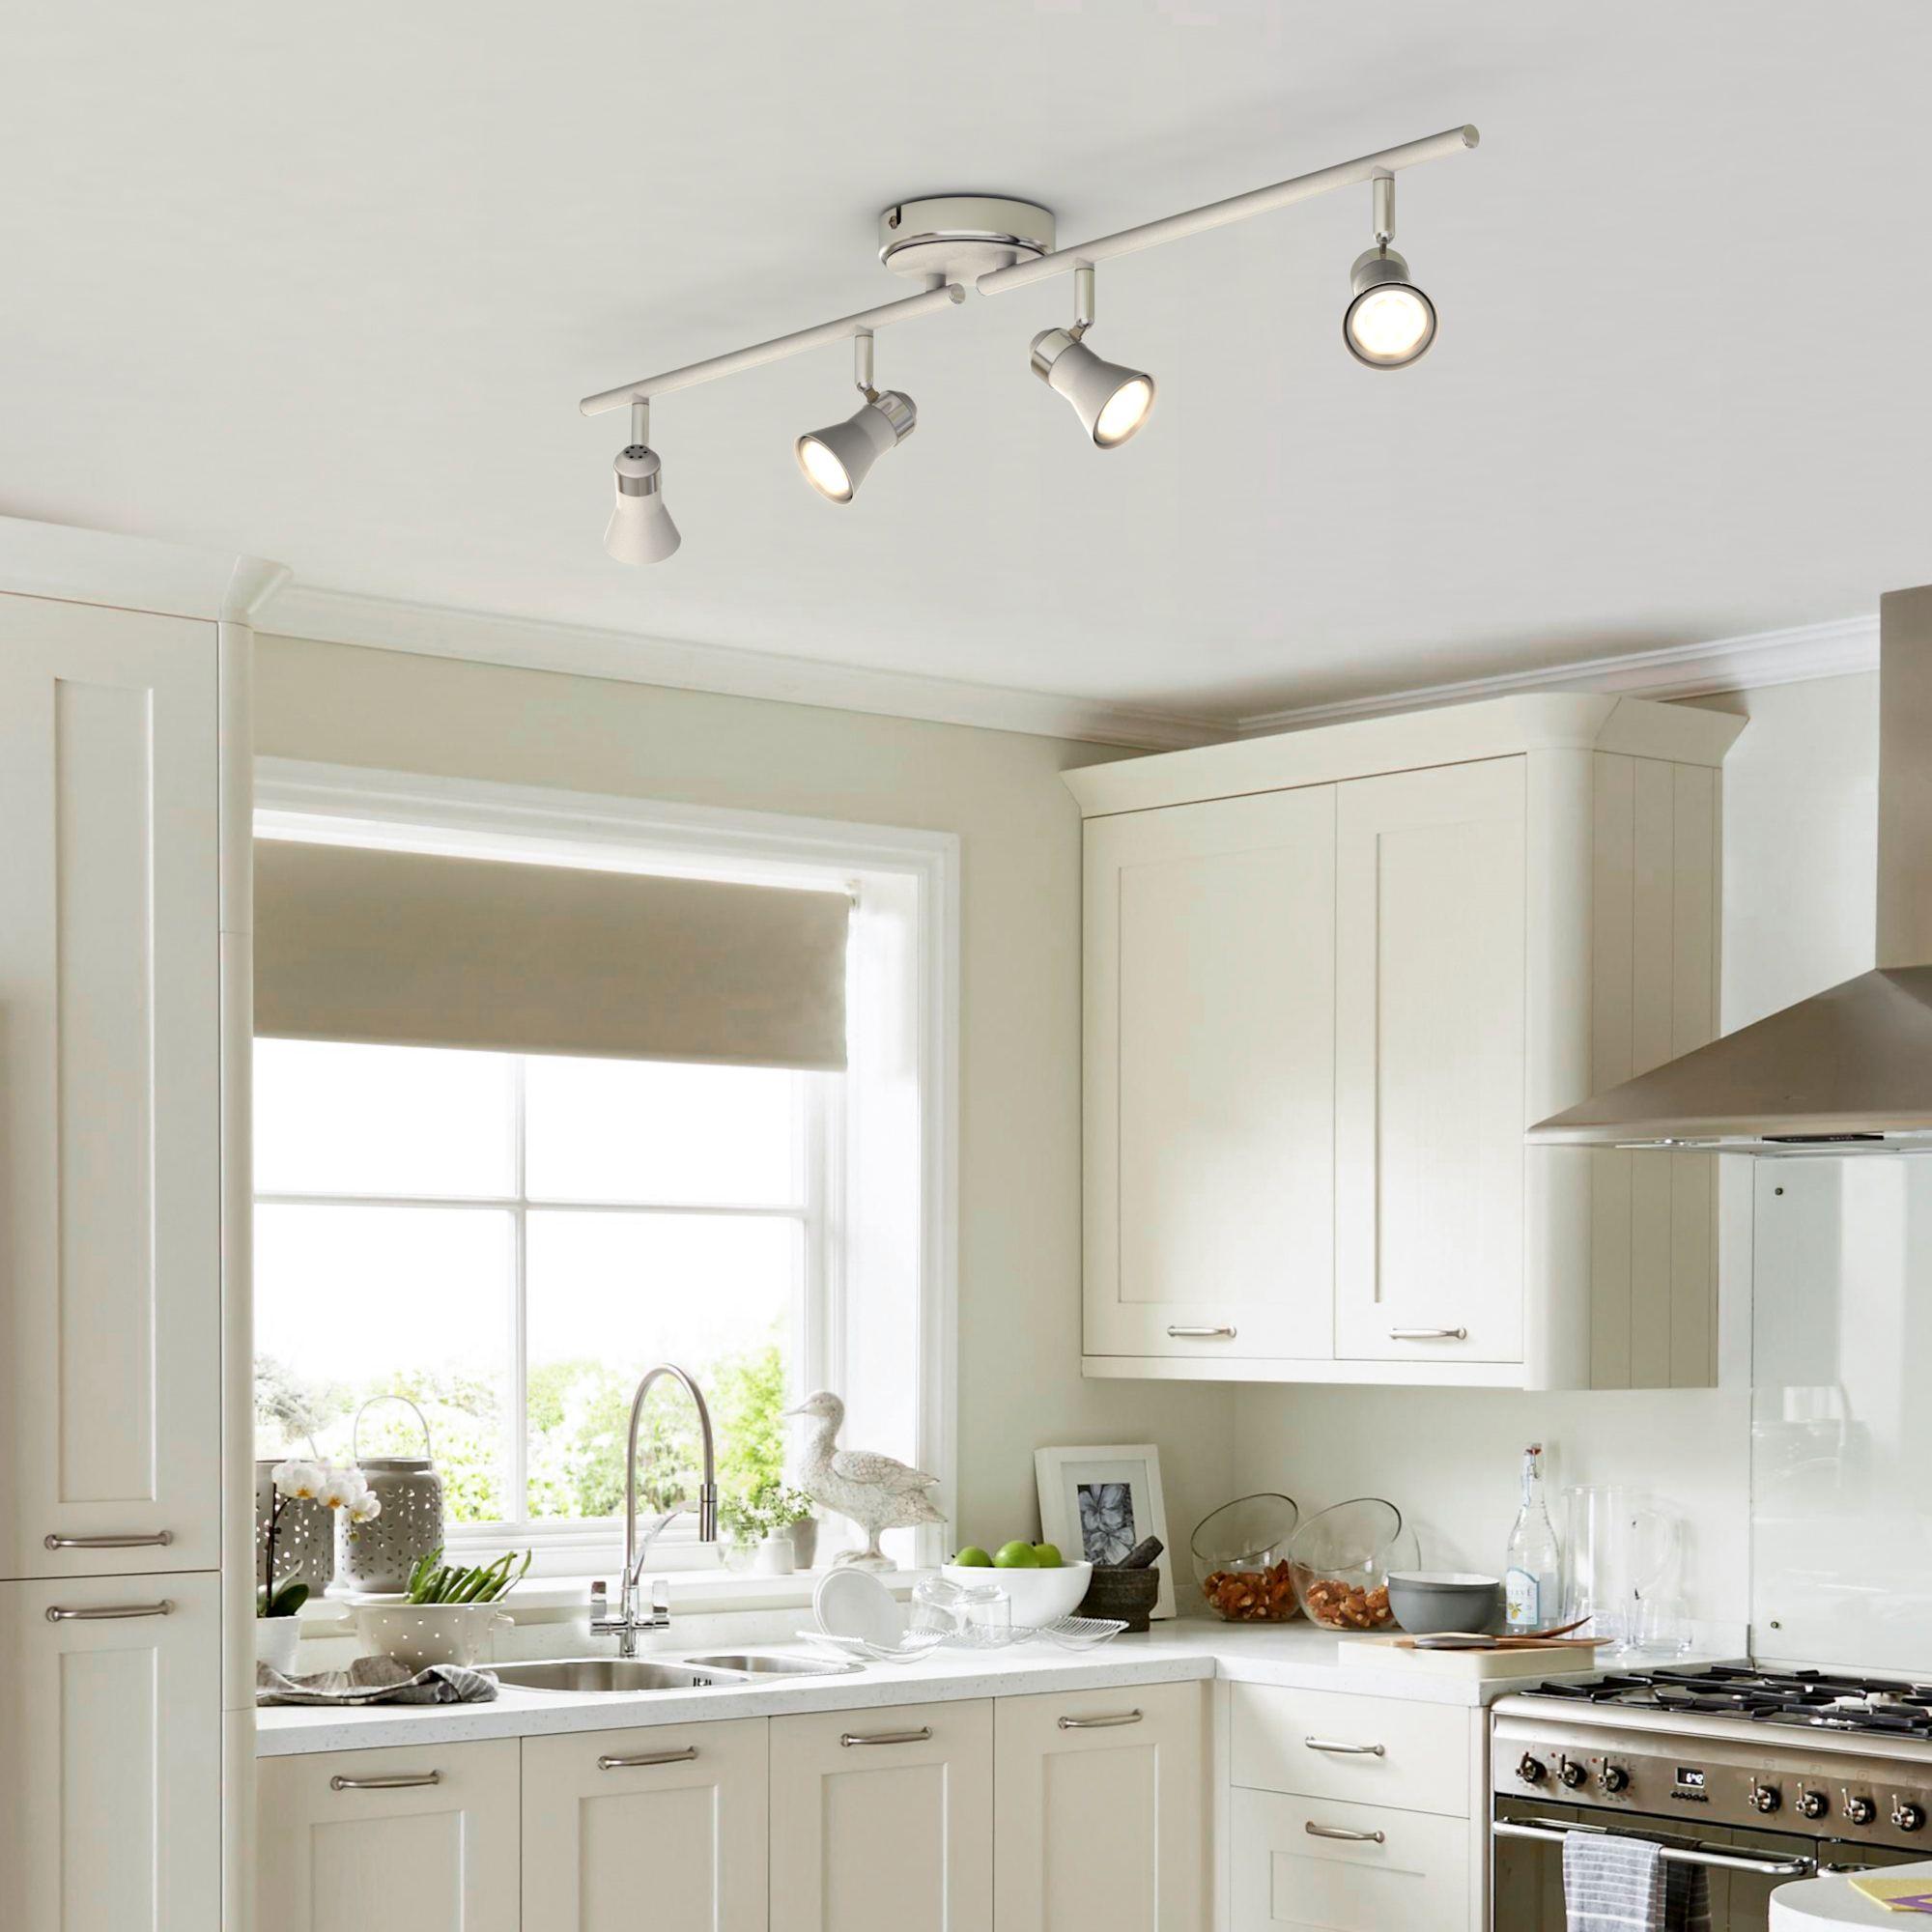 kitchen lights kitchen ceiling lights spotlights rh diy com ceiling lights for kitchen menards ceiling lights for kitchen juno